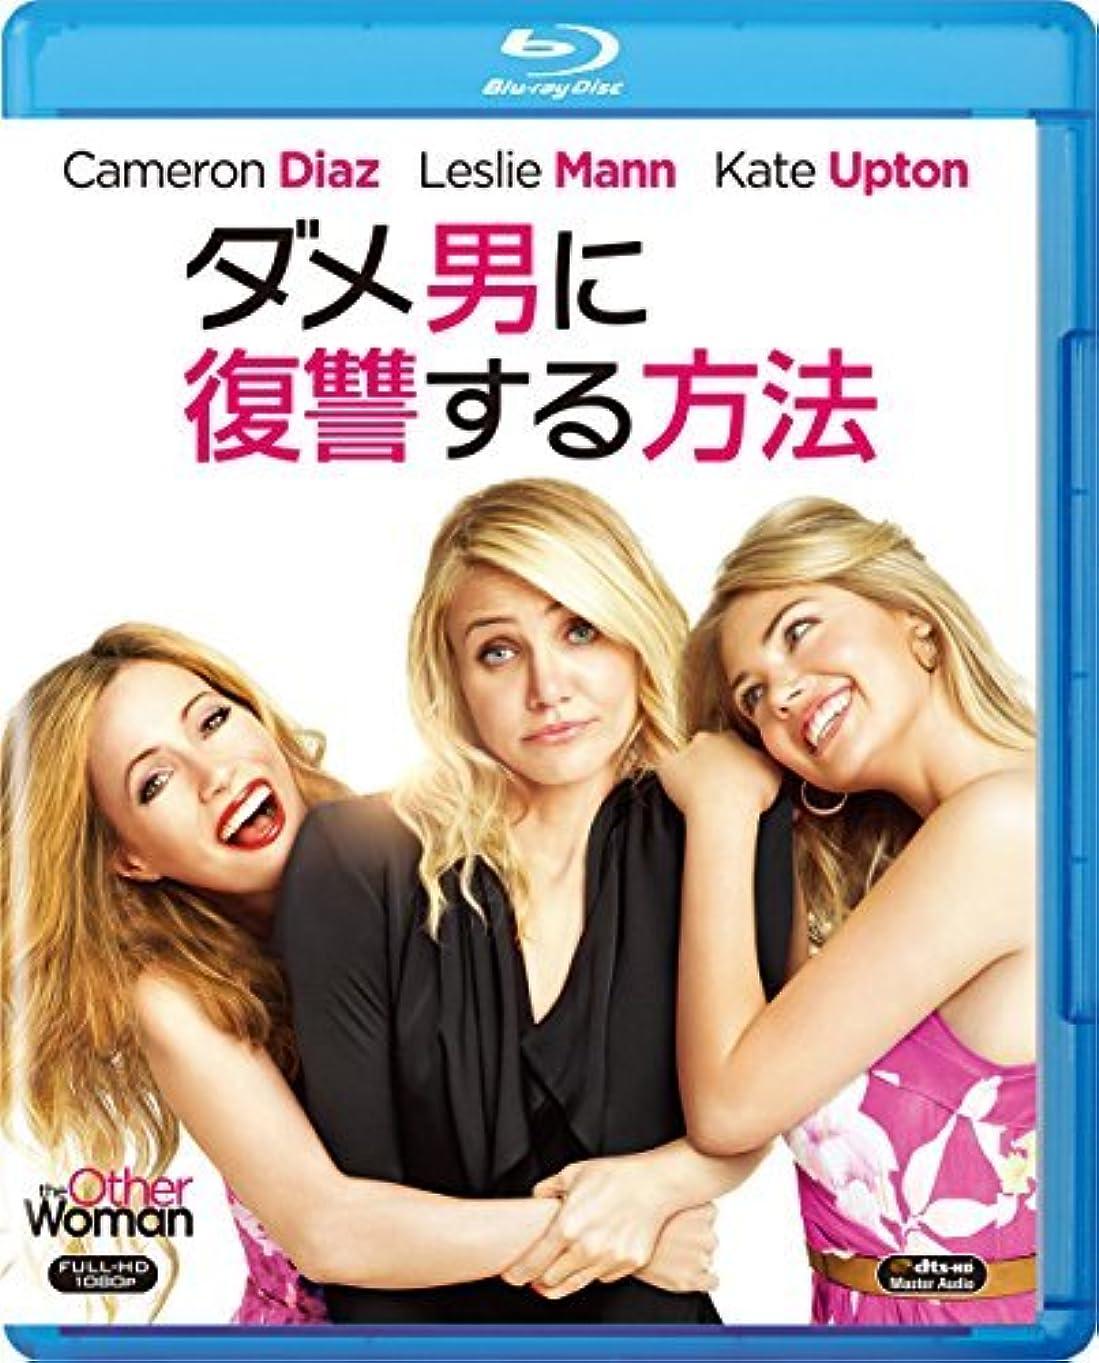 自治商人労働ダメ男に復讐する方法 [AmazonDVDコレクション] [Blu-ray]